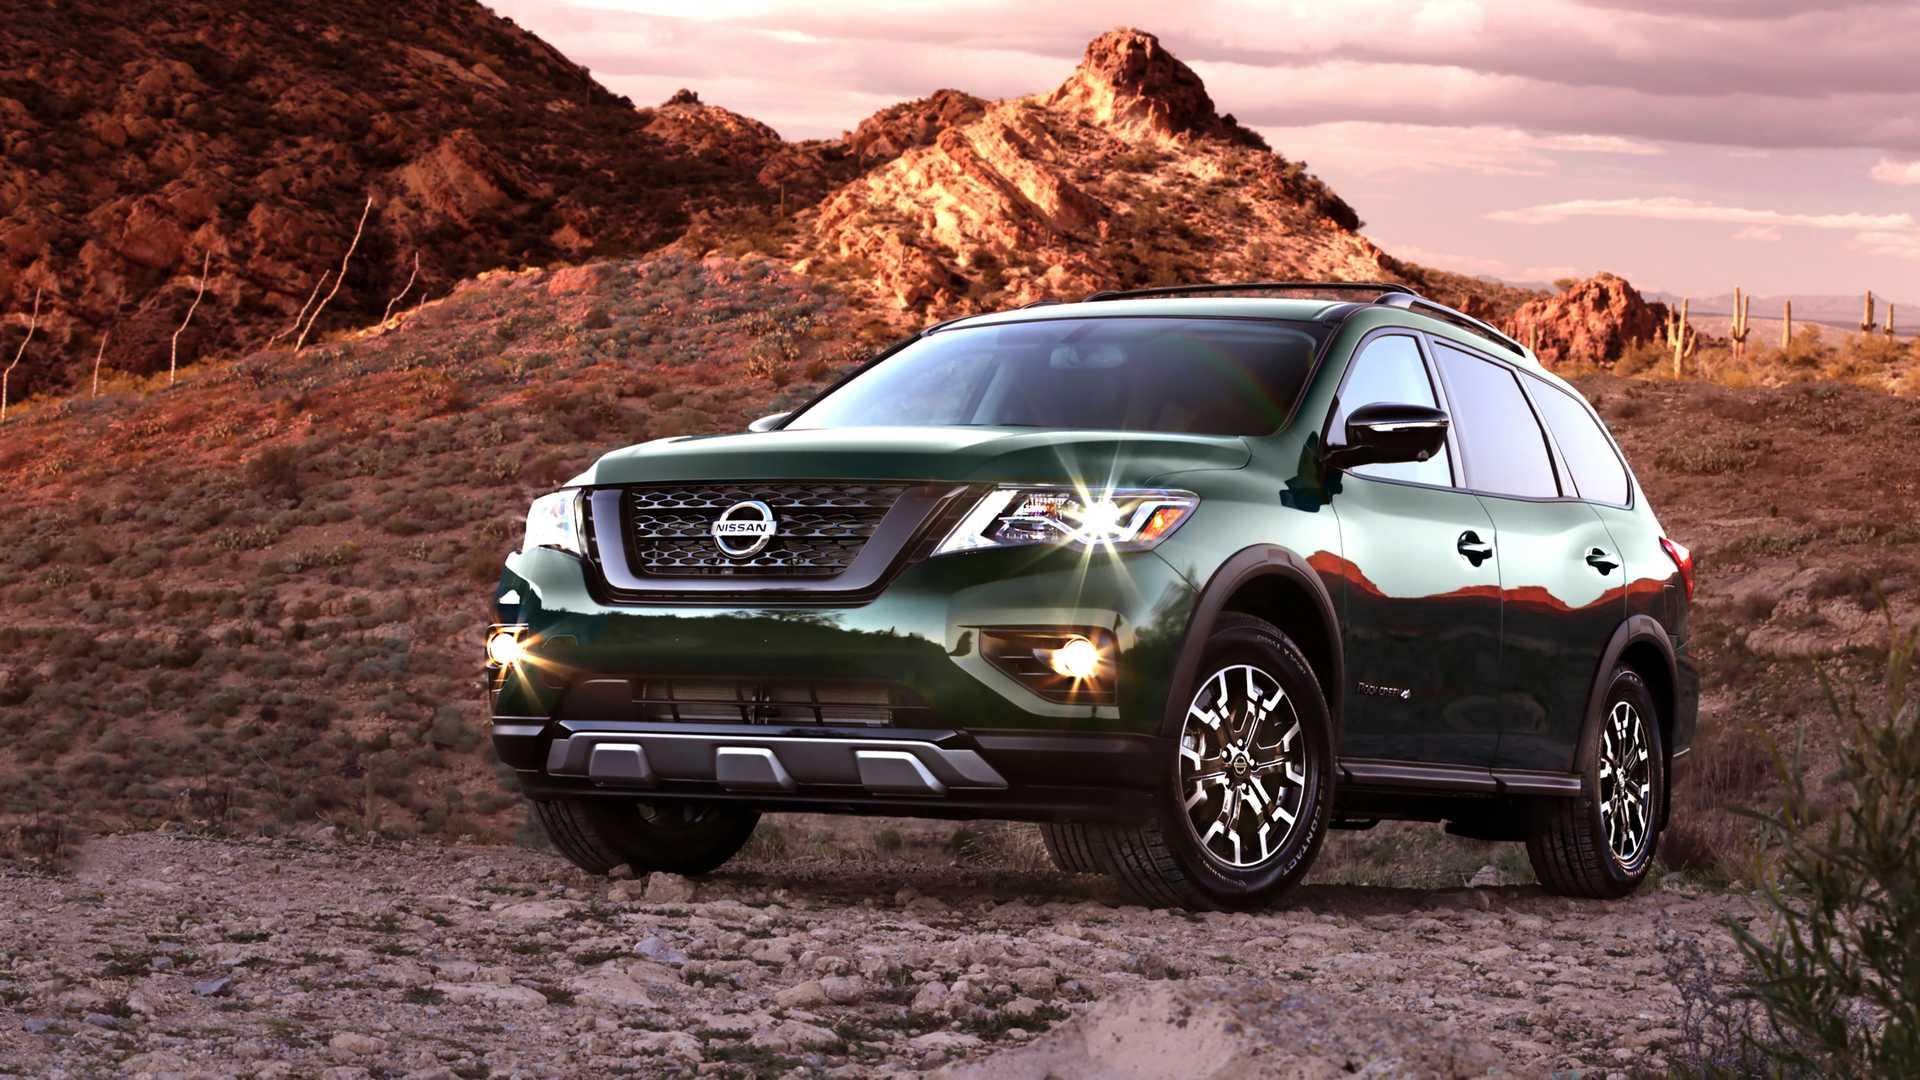 Nissan покажет в Чикаго Pathfinder Rock Creek Edition 1